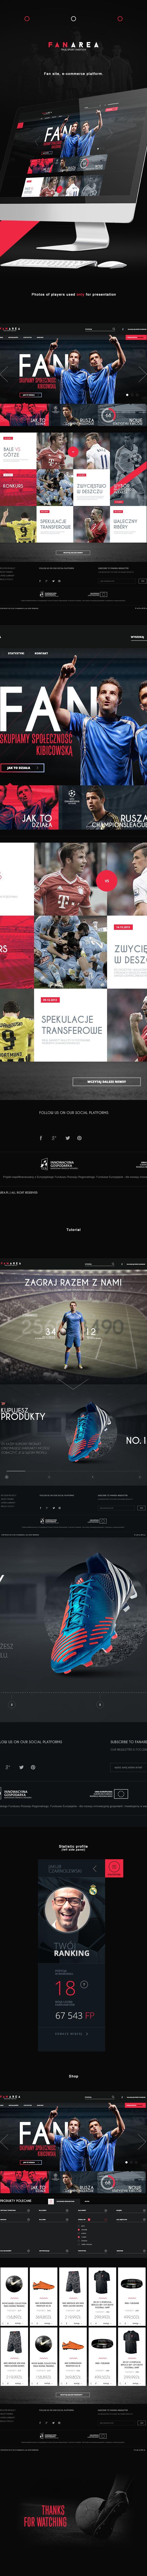 Football Fan Site & Shop